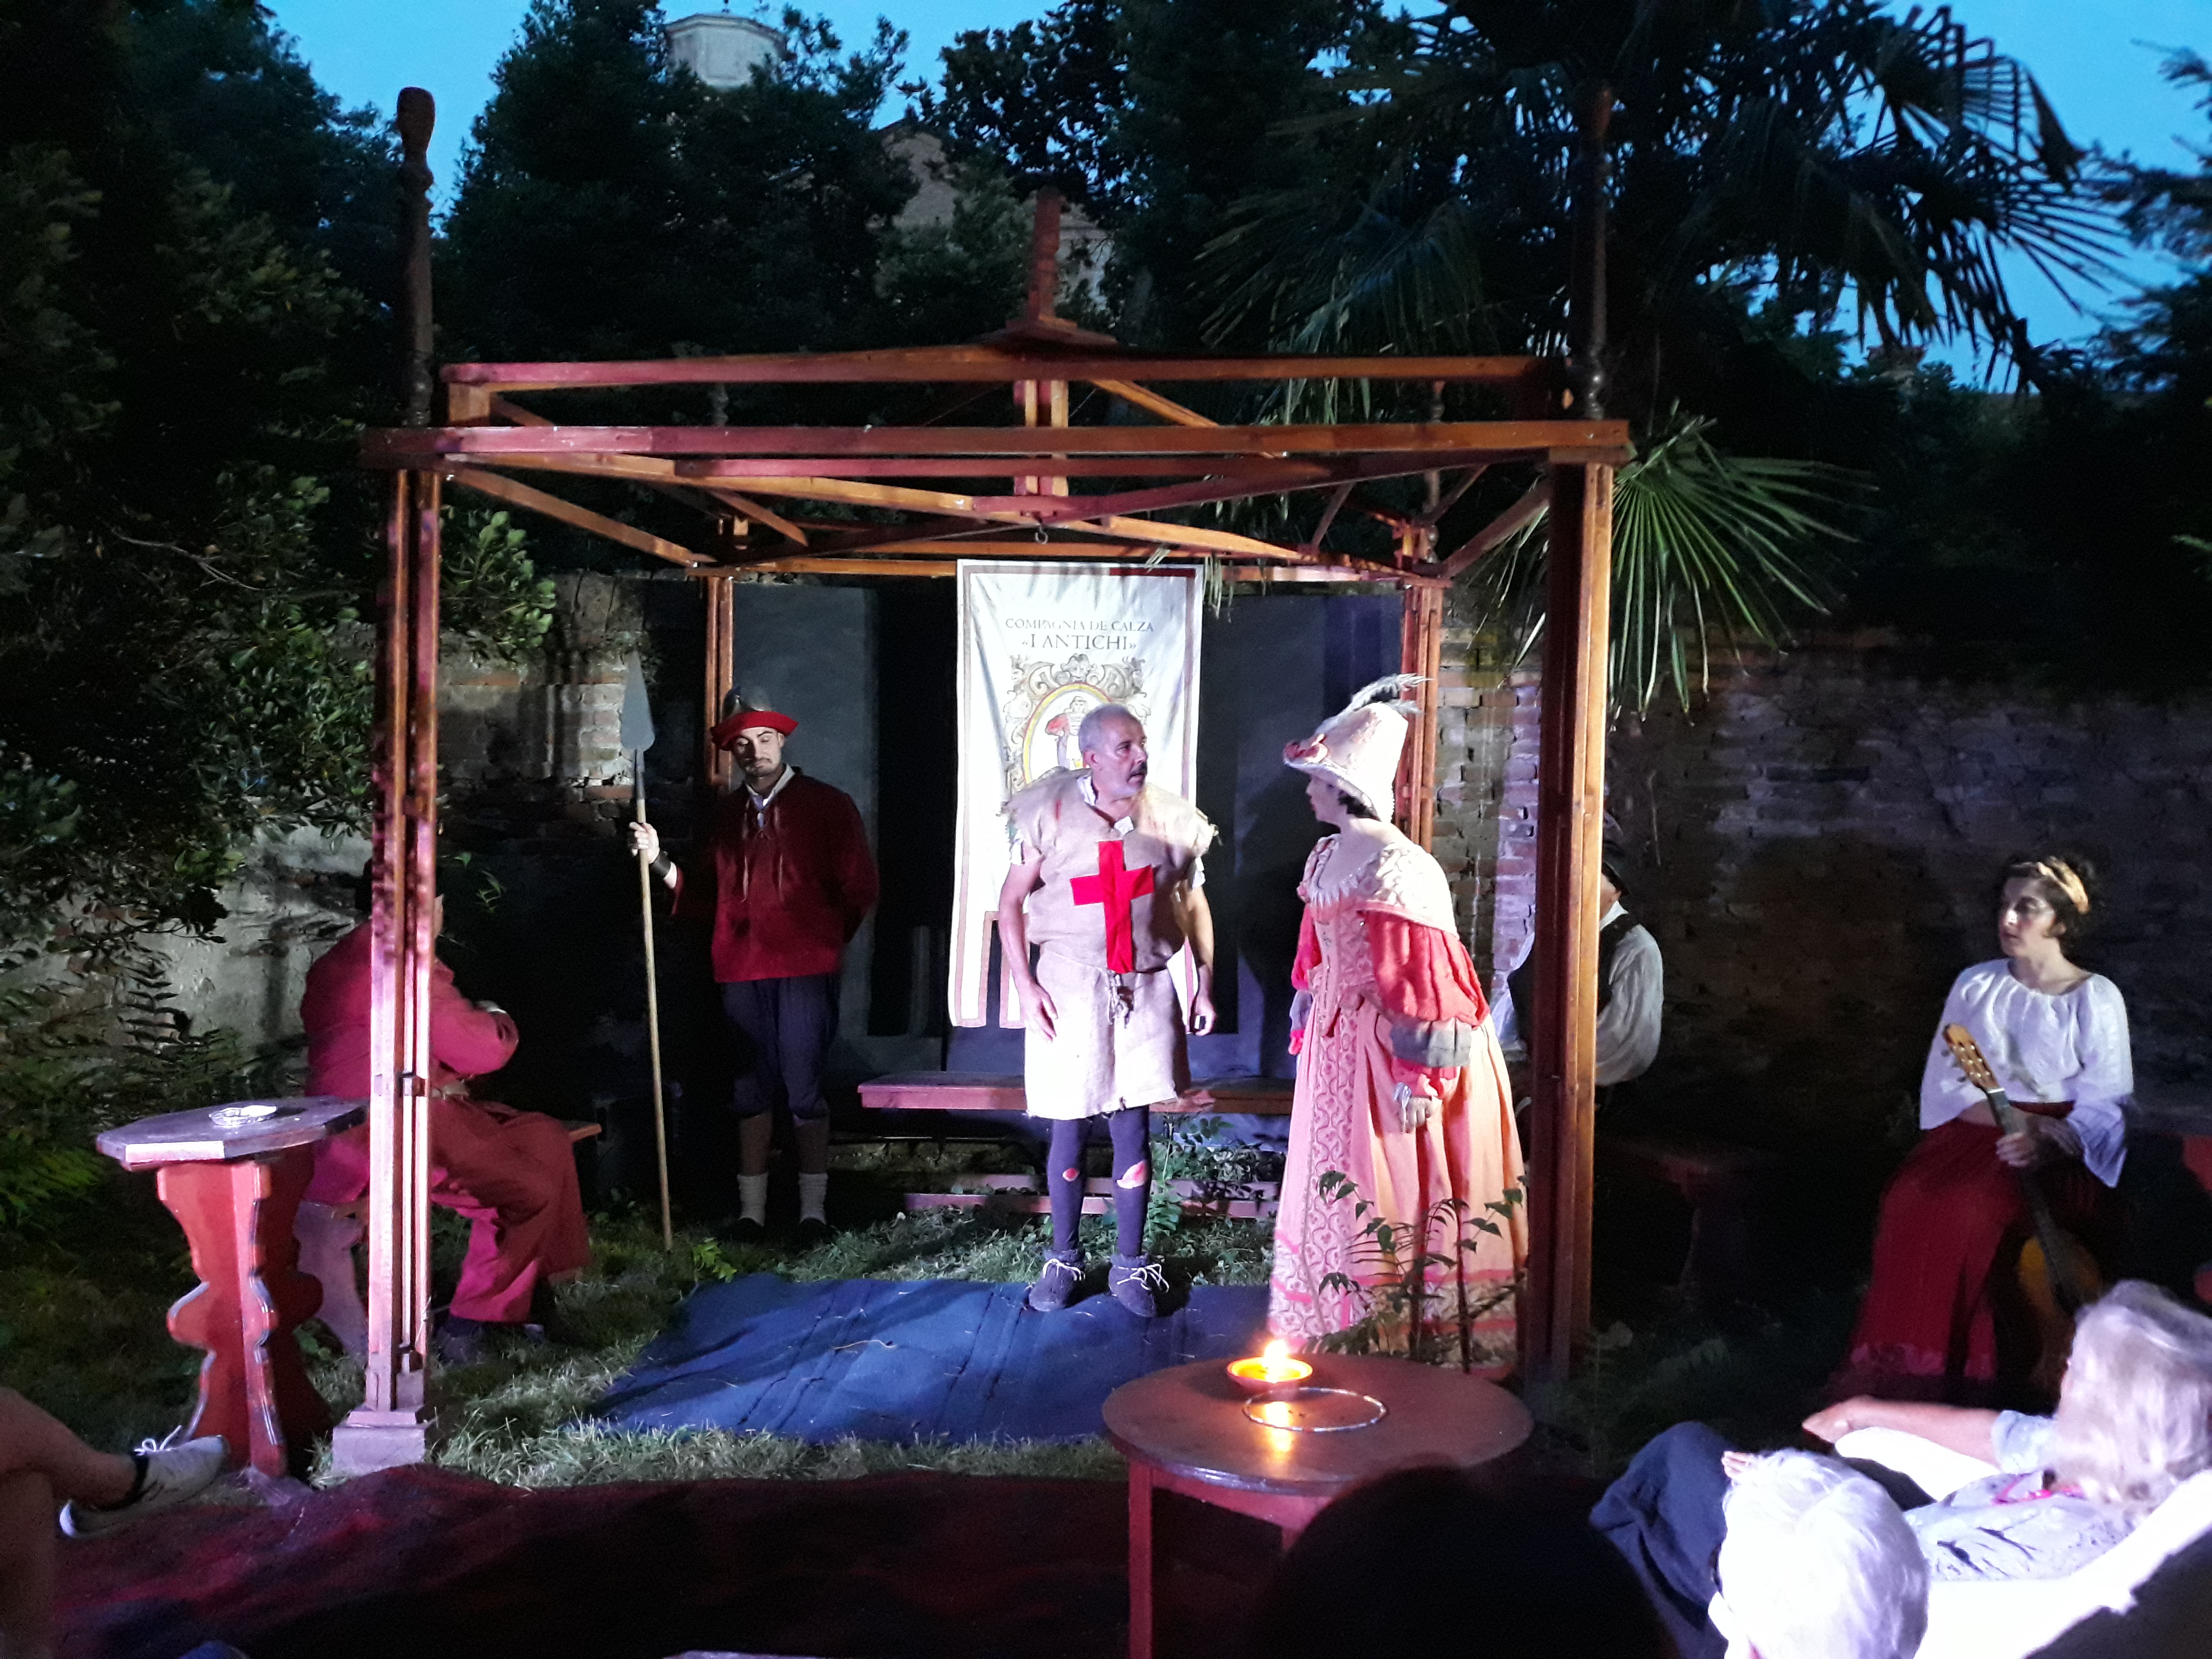 Ruzante (Andrea Ghedin) a confronto con Gnua (Laura Favaretto) nel Piccolo Teatro Giardino Veneziano de I Antichi.